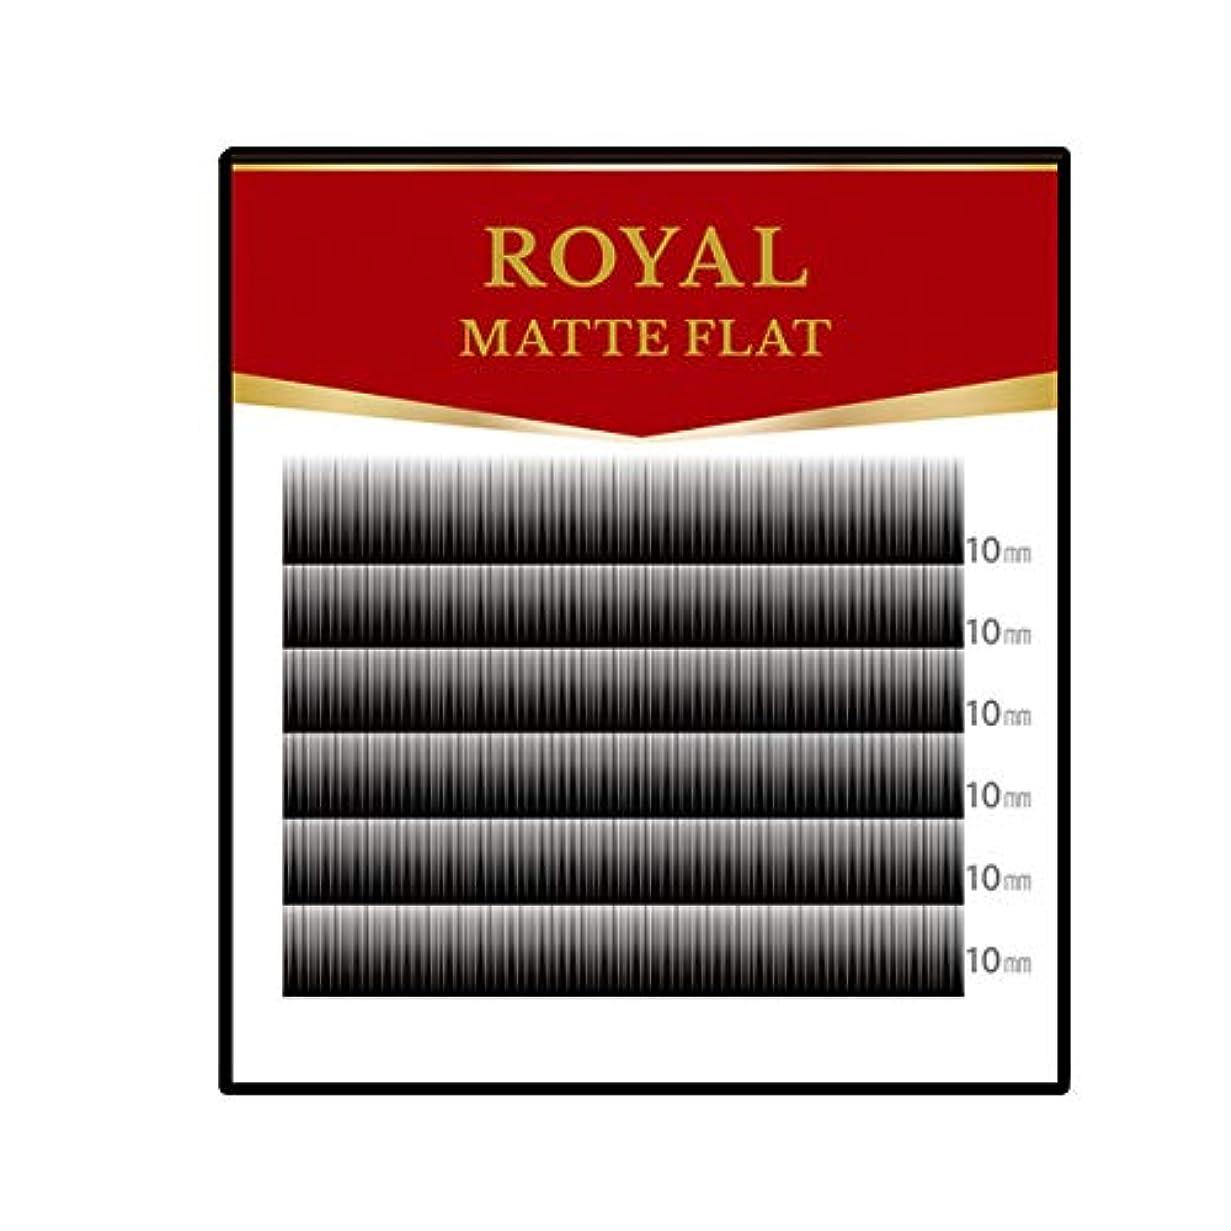 してはいけない明るいジャンクまつげエクステ マツエク ロイヤル マットフラット(2又)(6列) (Jカール 0.15mm 6mm)